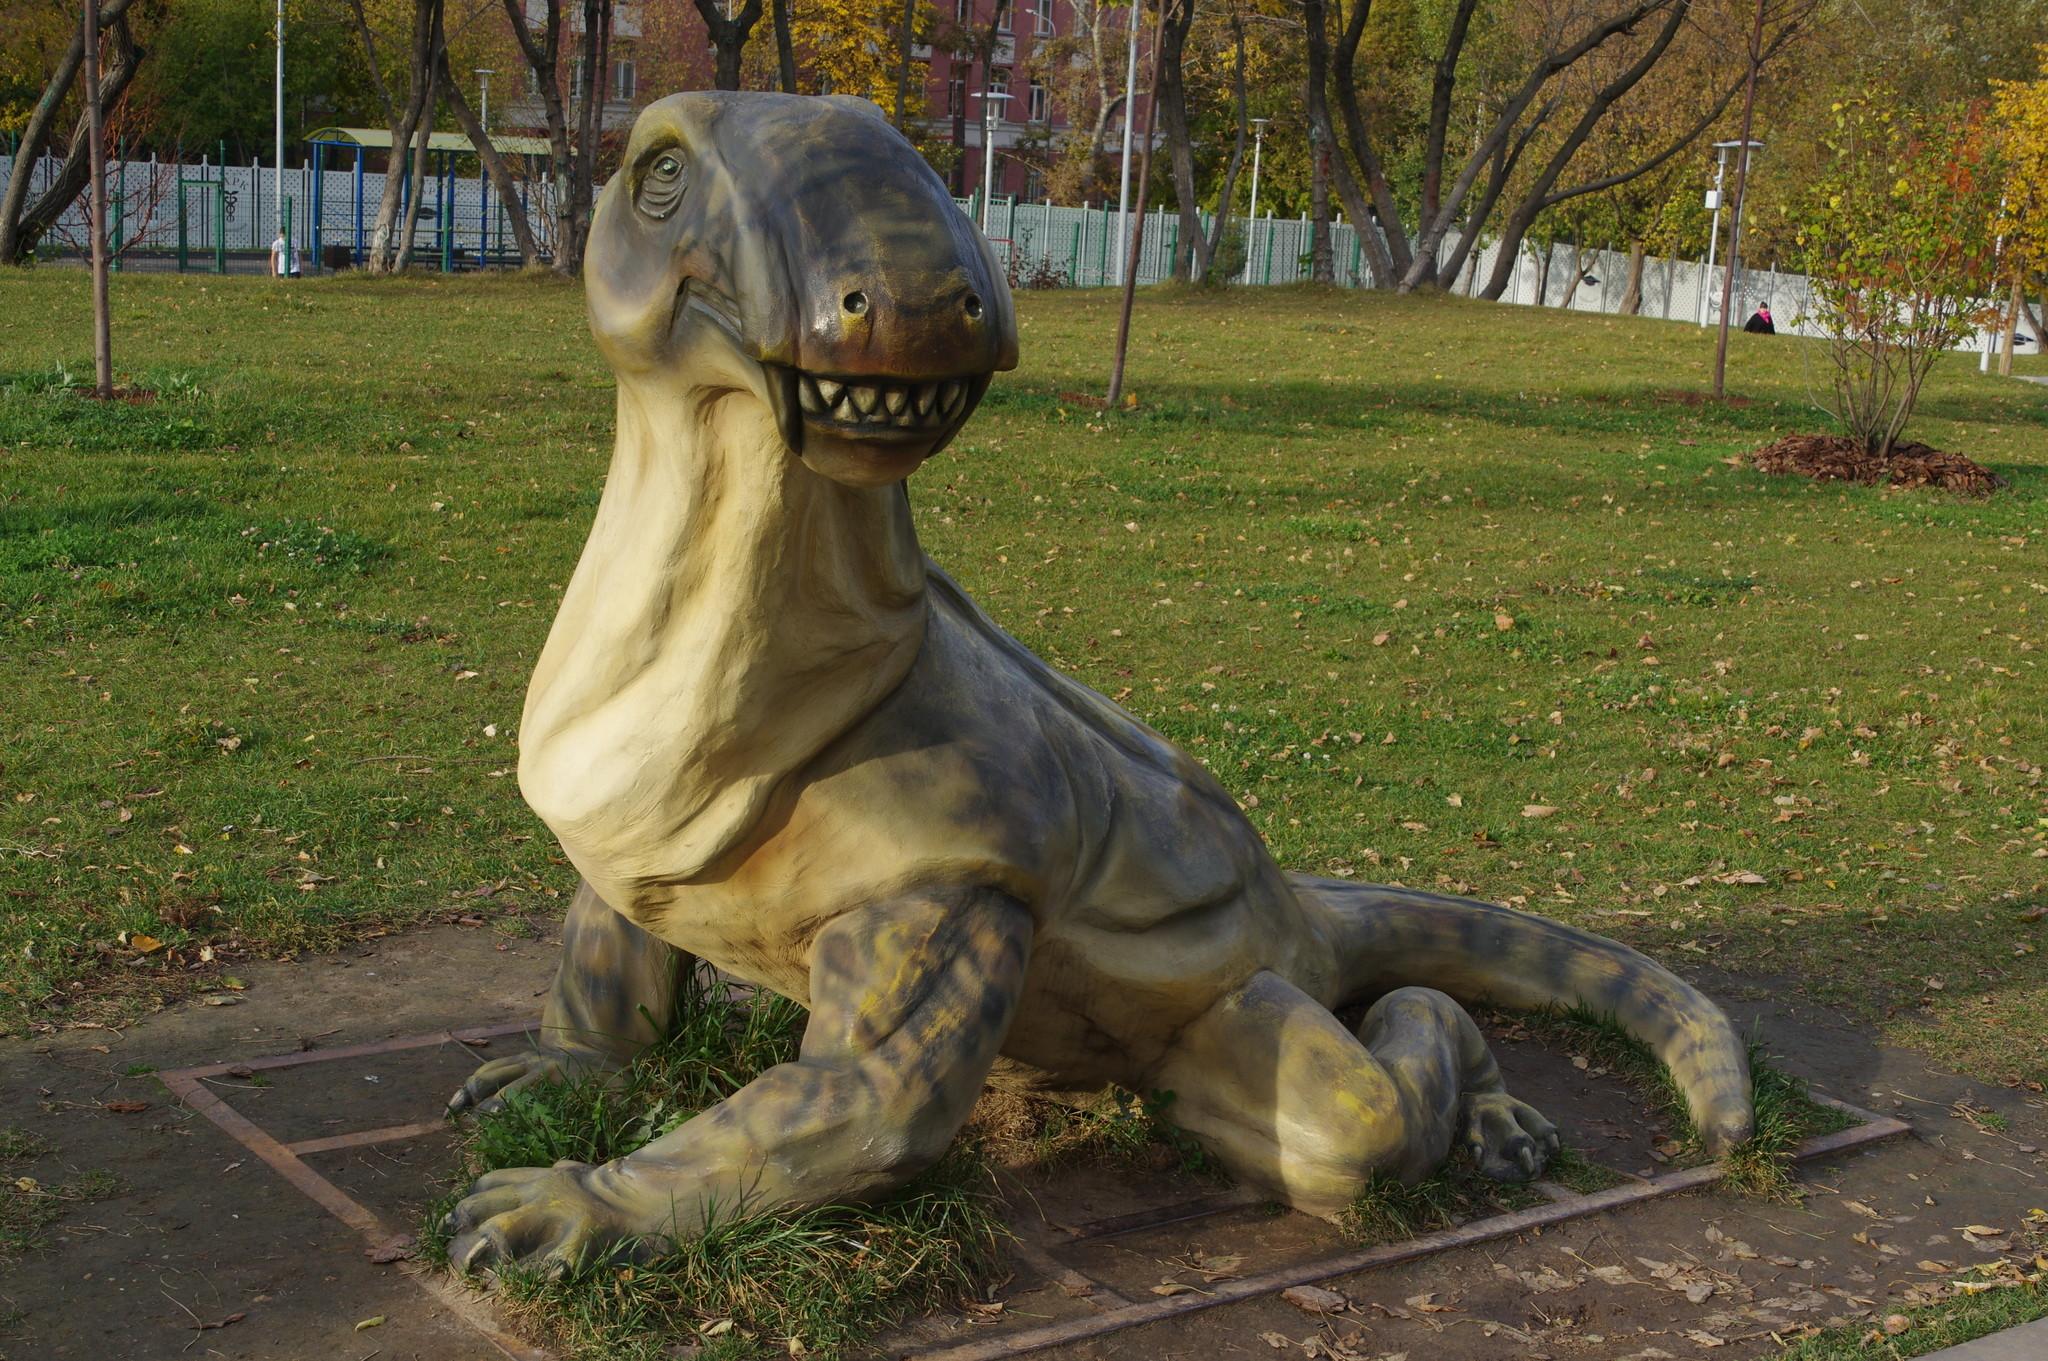 Ивантозавр (лат. Ivantosaurus ensifer) в парке «Академический» на юго-западе Москвы